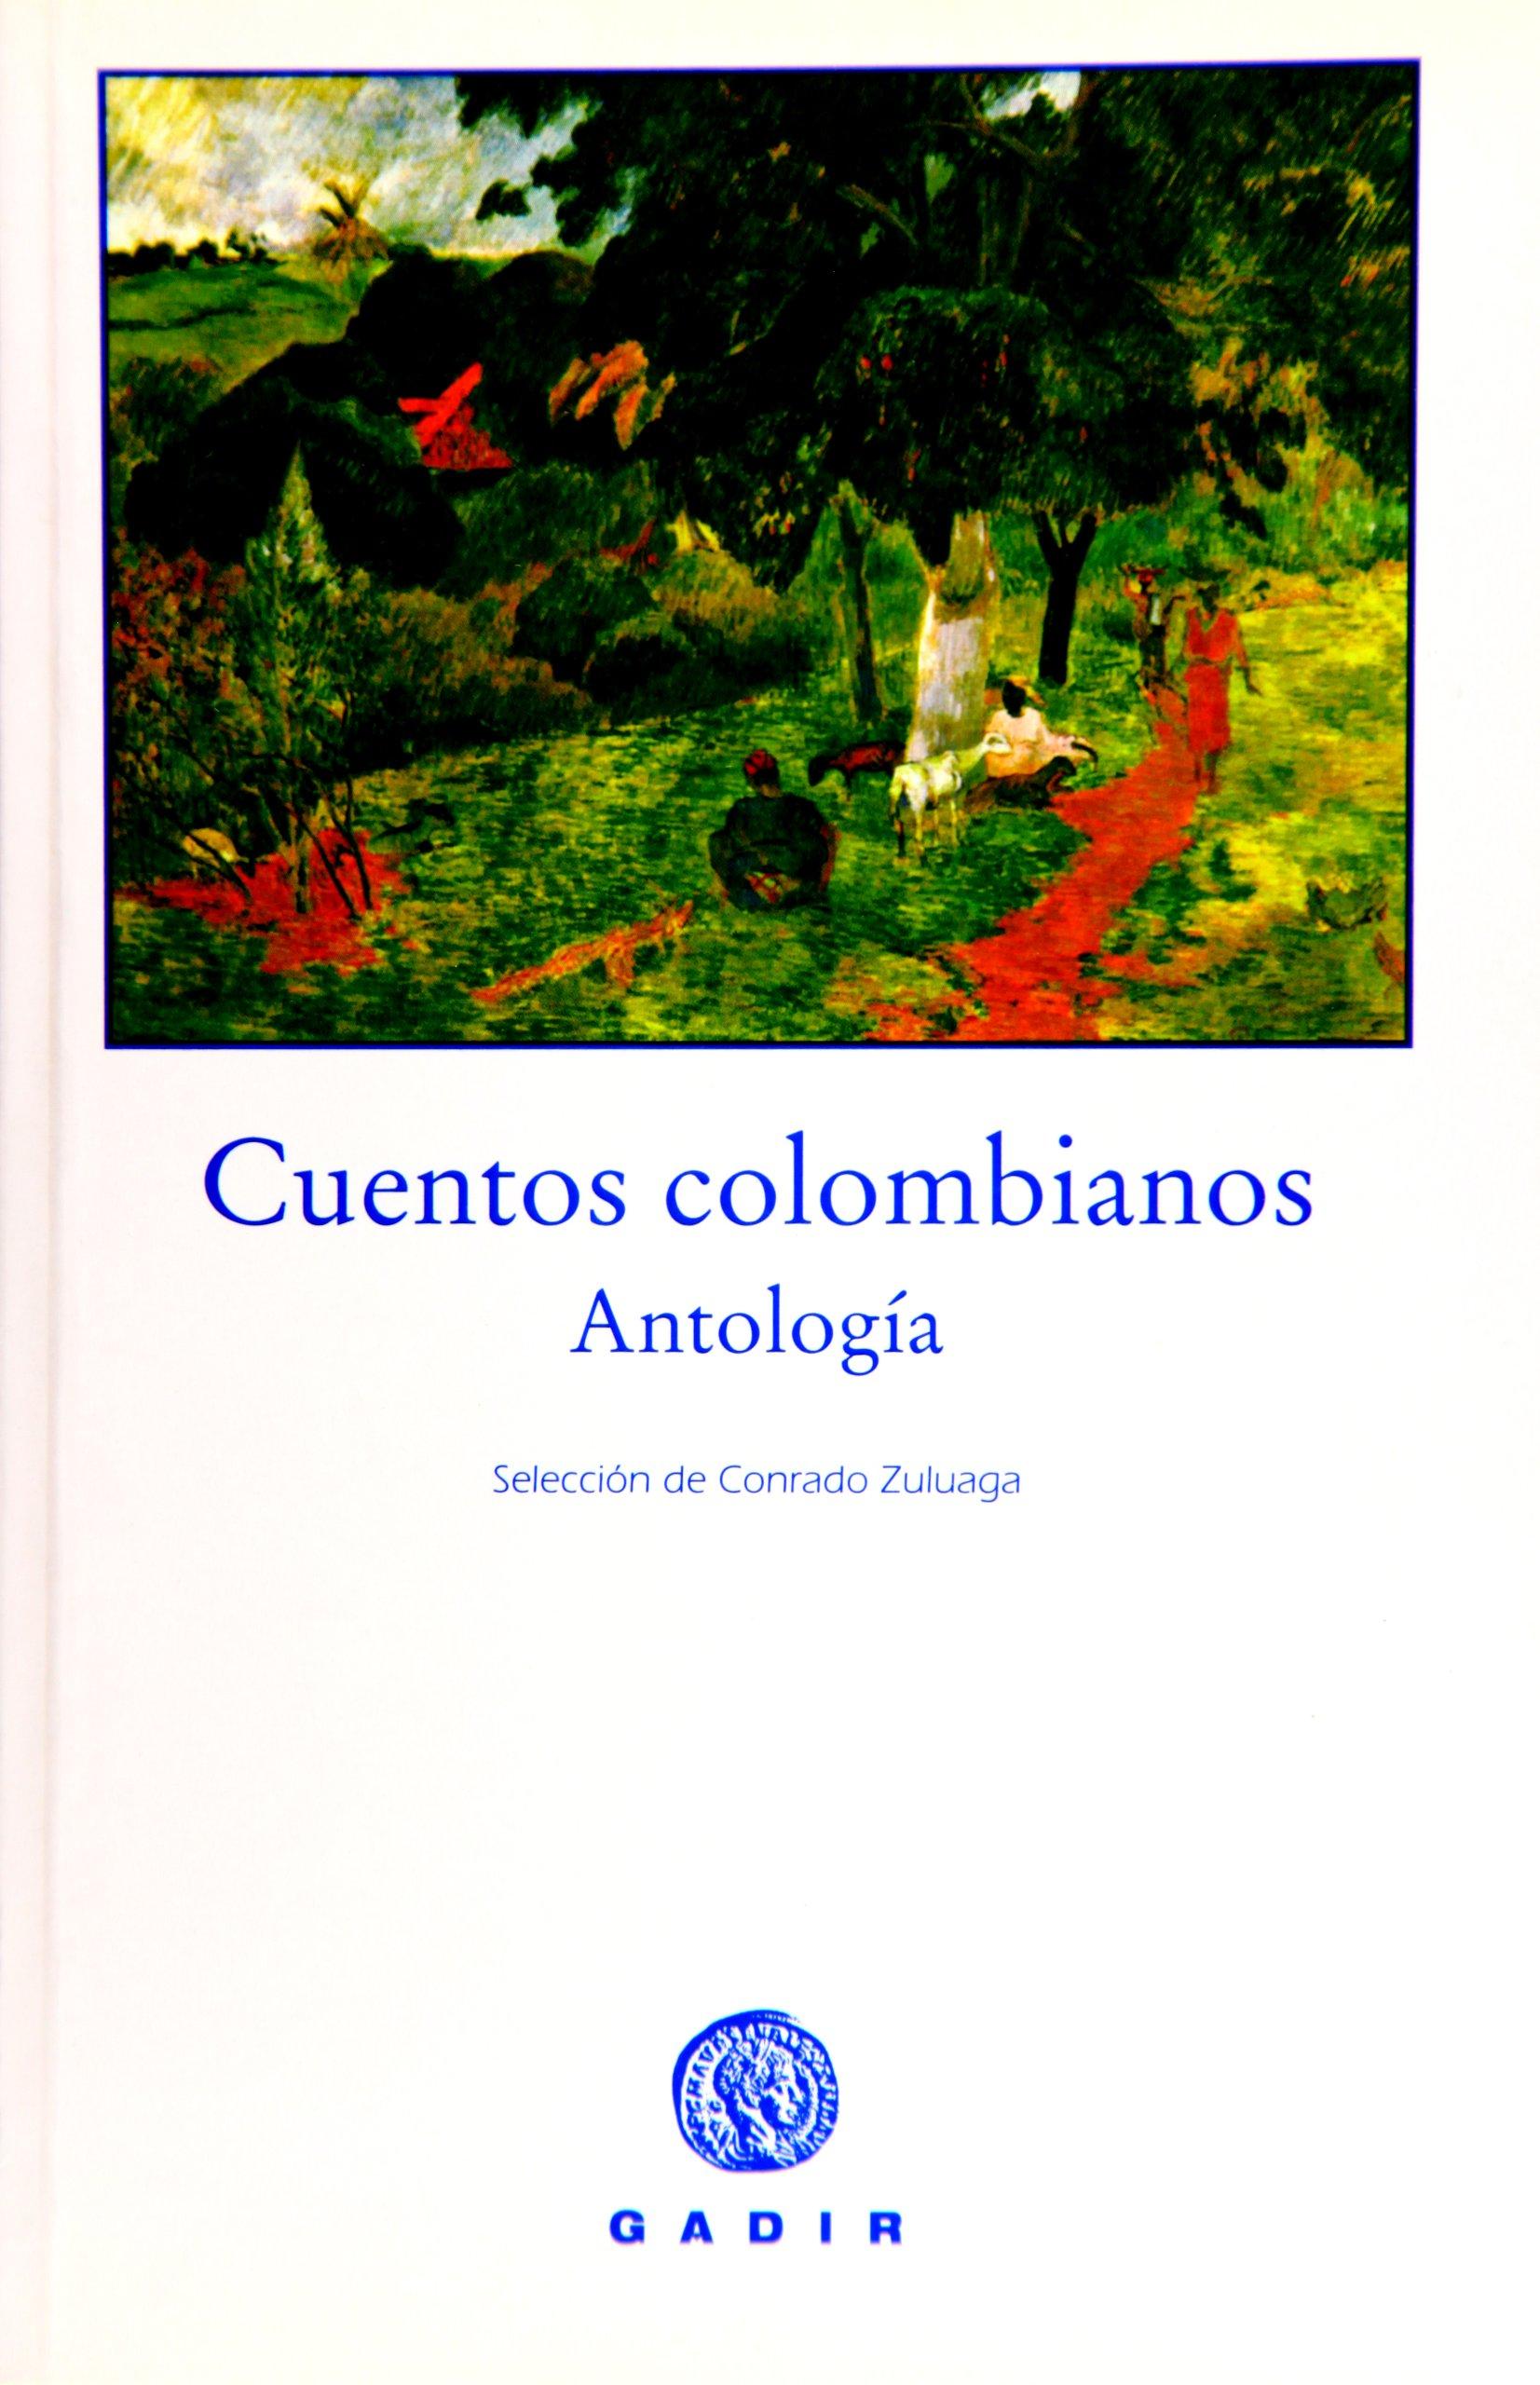 Cuentos colombianos